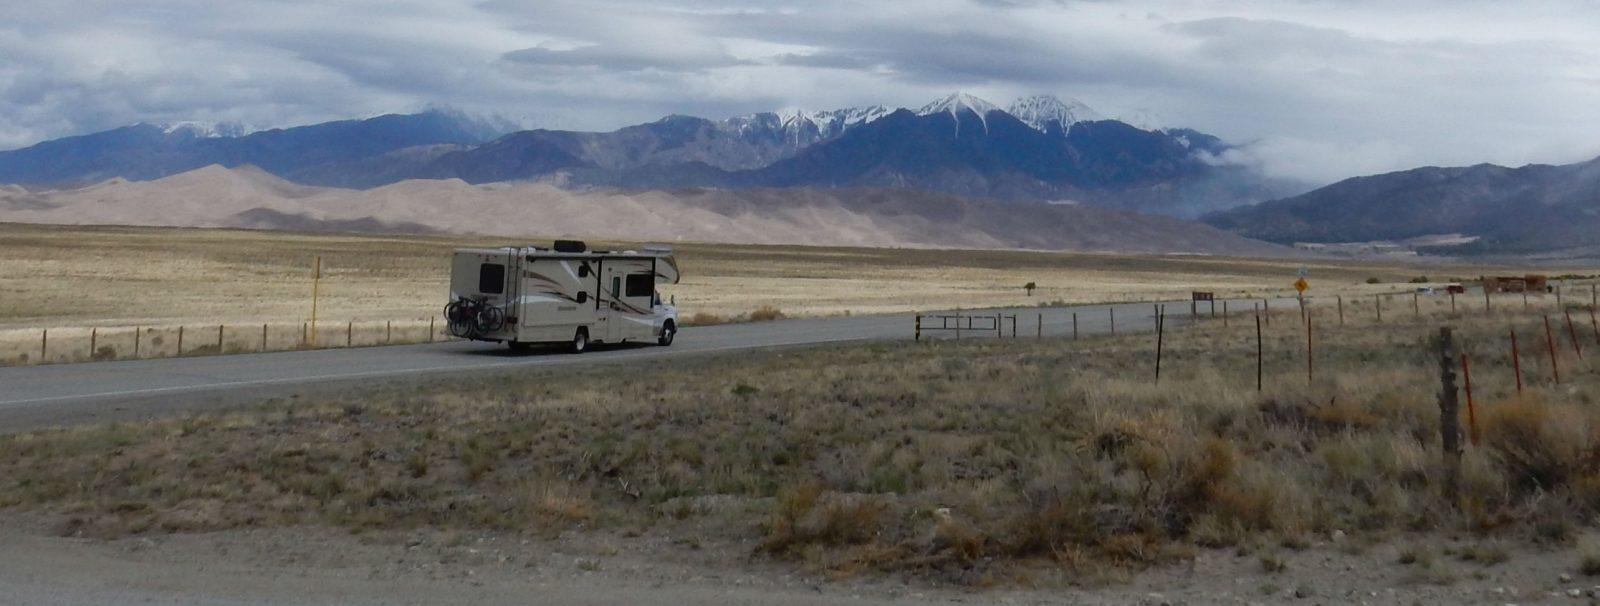 Camping Vacation in Colorado's Mystic San Luis Valley